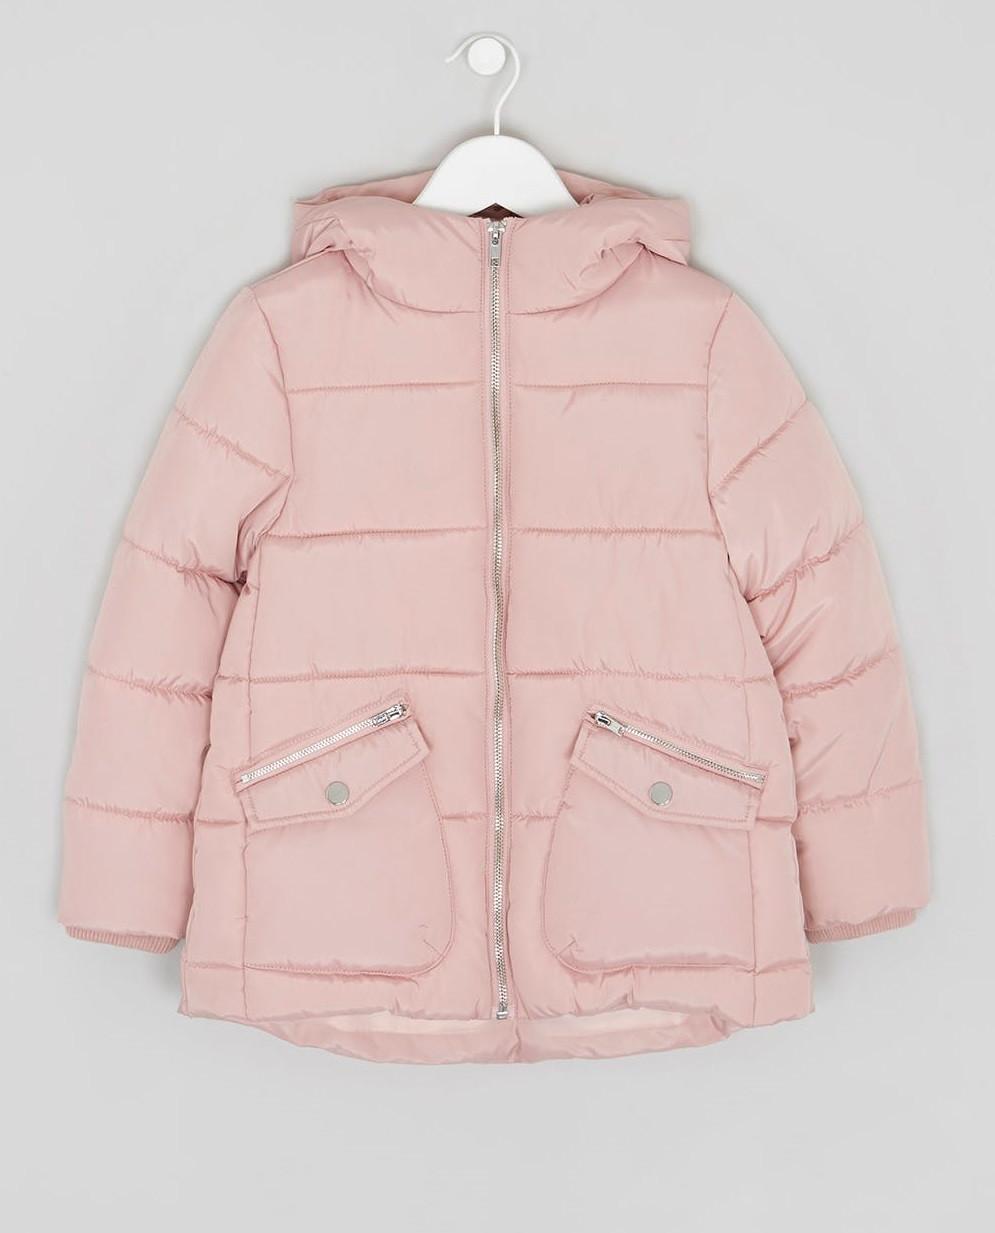 38ea393d717 Демисезонная куртка для девочки розовая Matalan Англия - Интернет-магазин